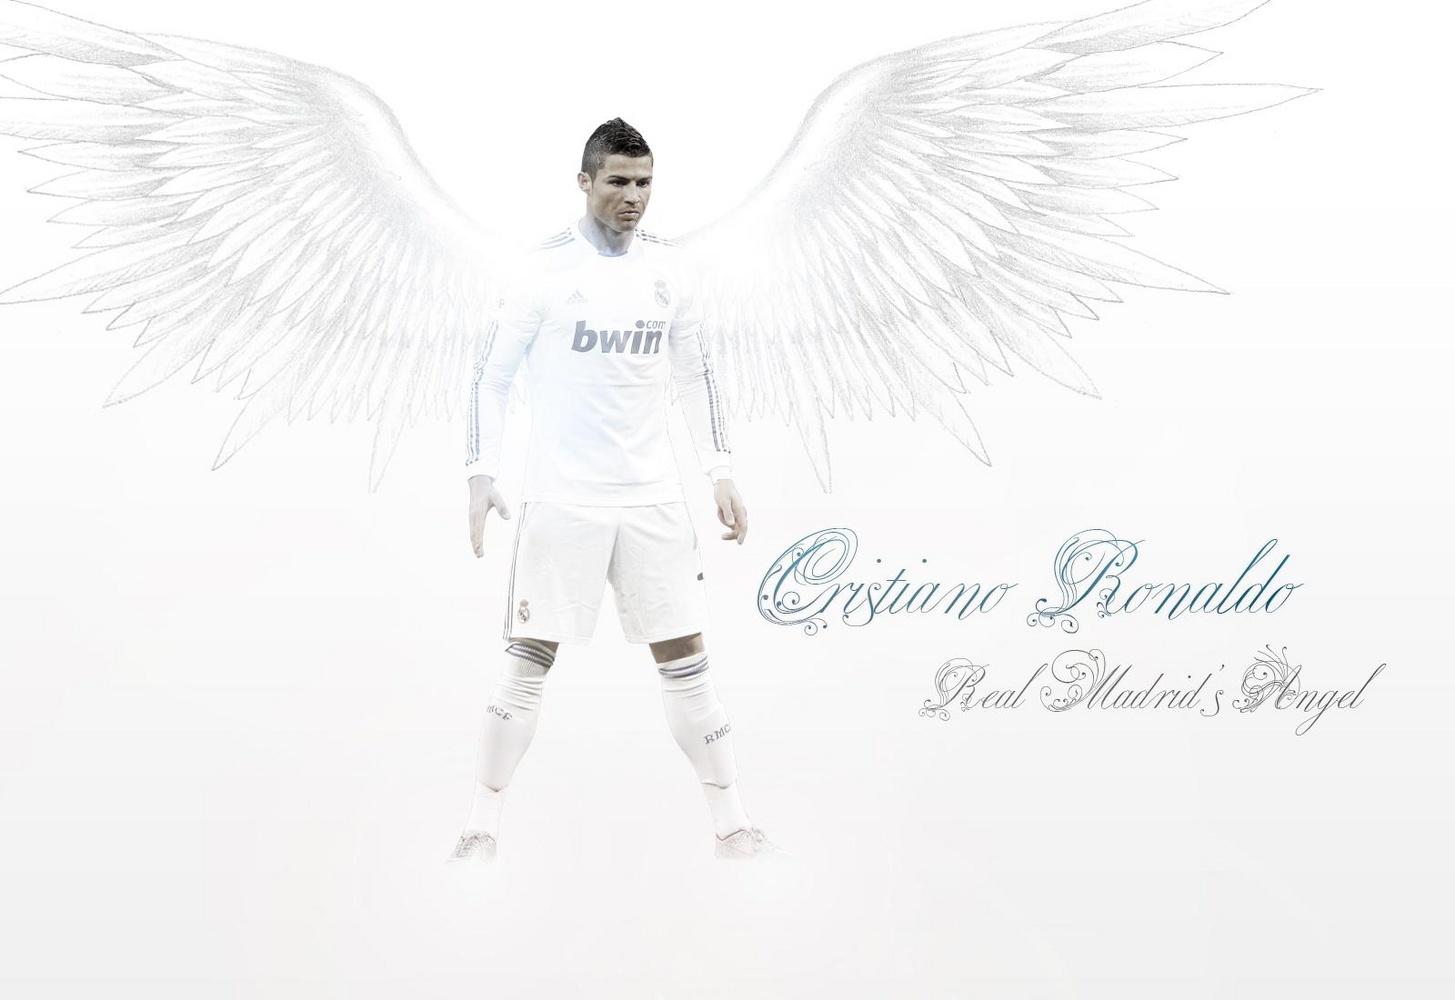 http://1.bp.blogspot.com/-1iGThMWTrEY/TaedD43lY_I/AAAAAAAAAAQ/YhjzcQj0iTk/s1600/cristiano-ronaldo-angel.jpg